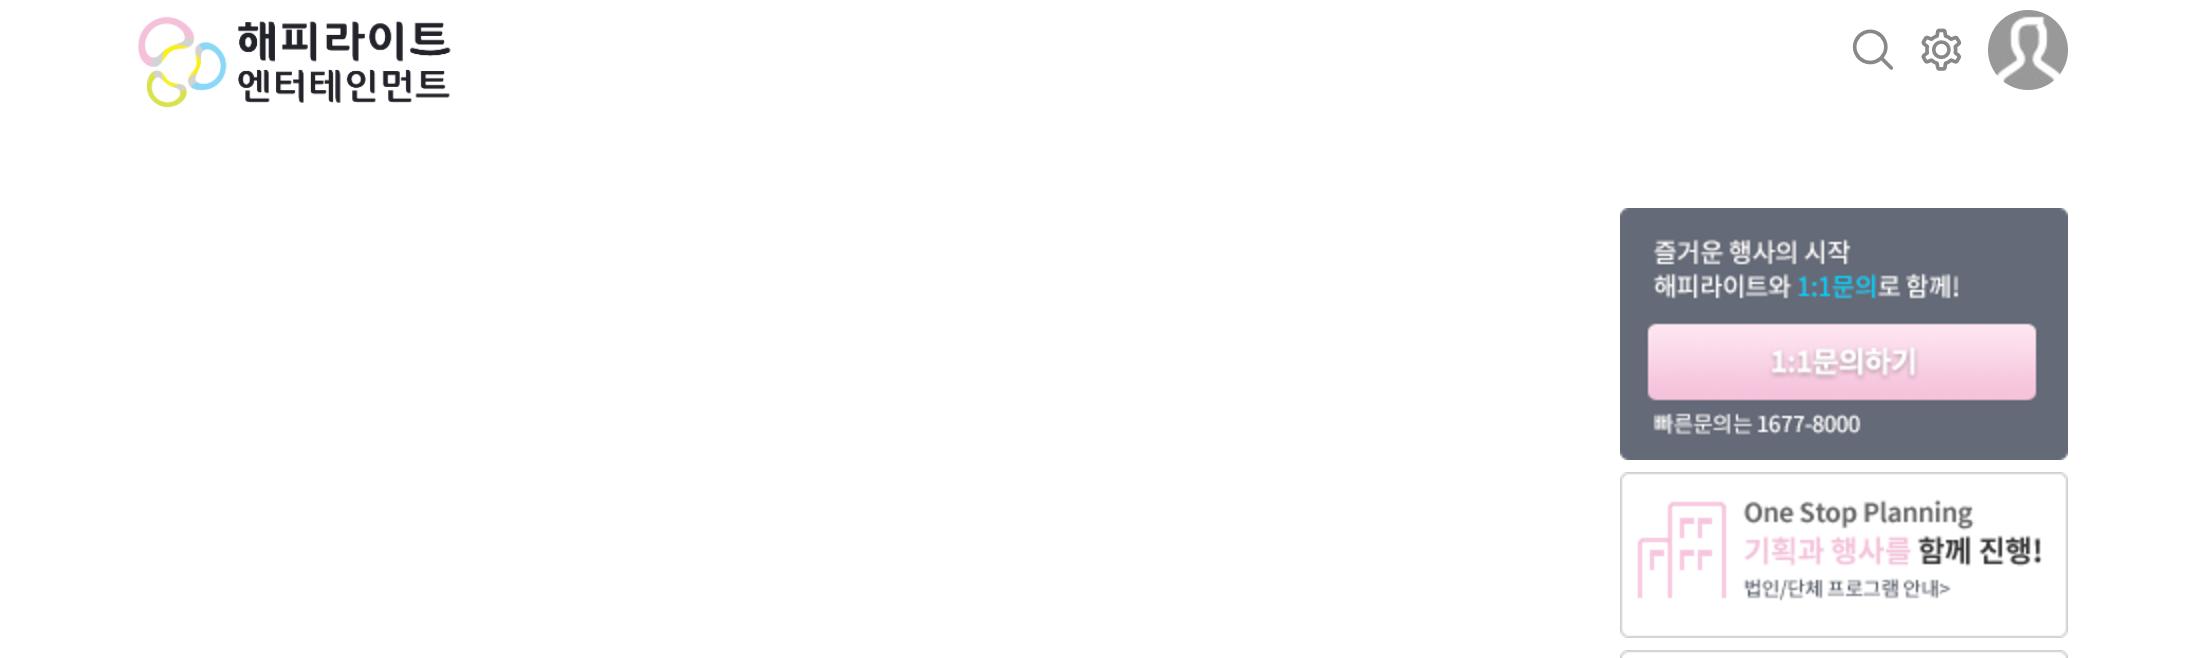 사이트맵 메뉴 삭제후 메인페이지.png